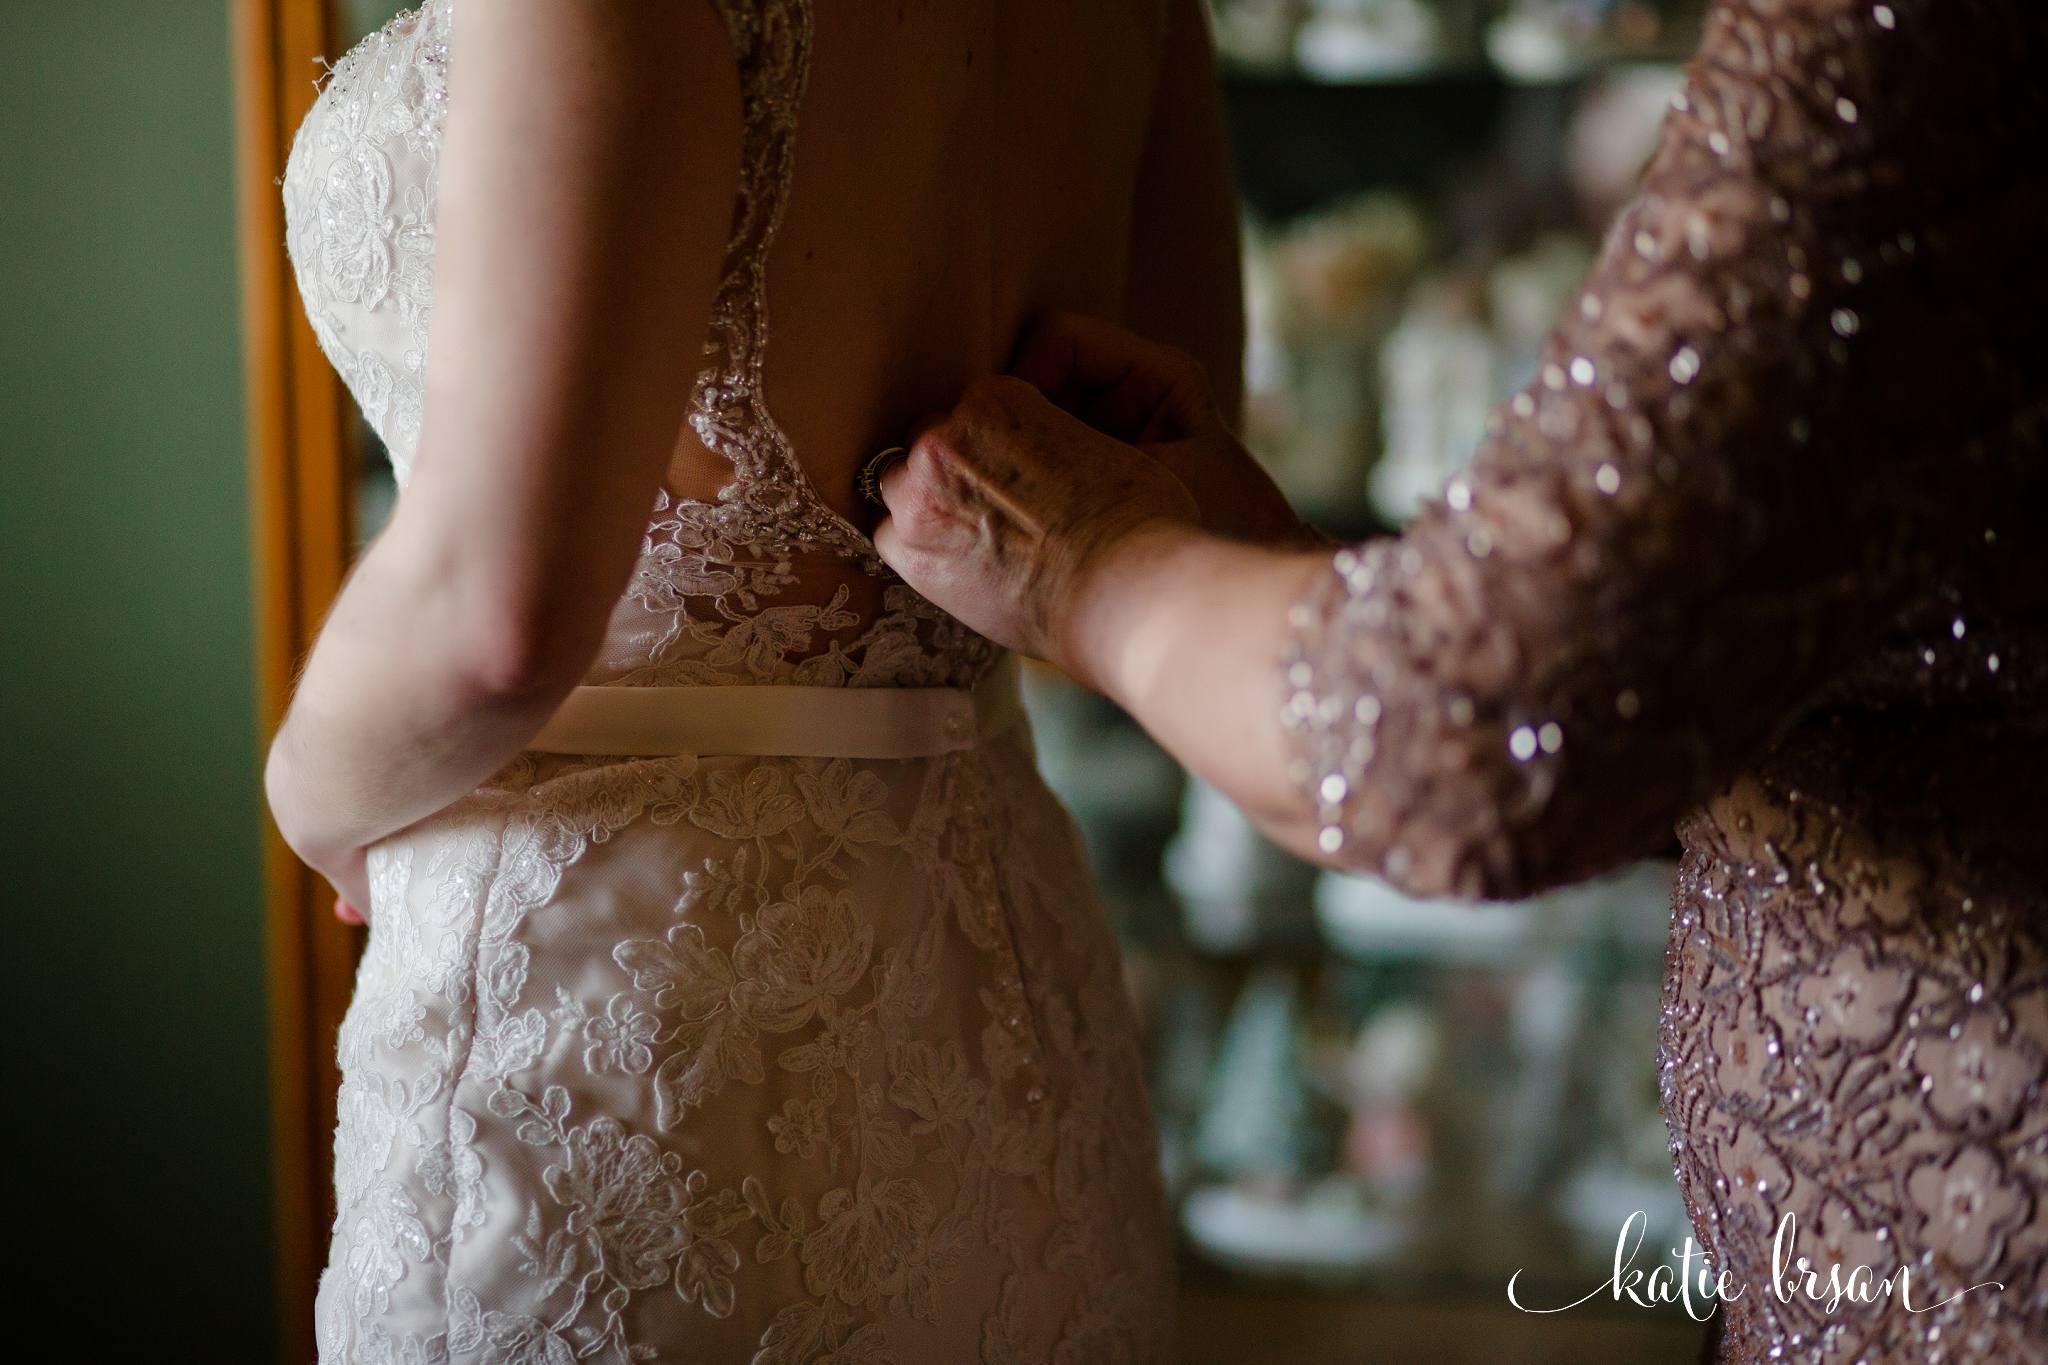 Mokena_Lemont_Wedding_Ruffled_Feathers_Wedding_1323.jpg